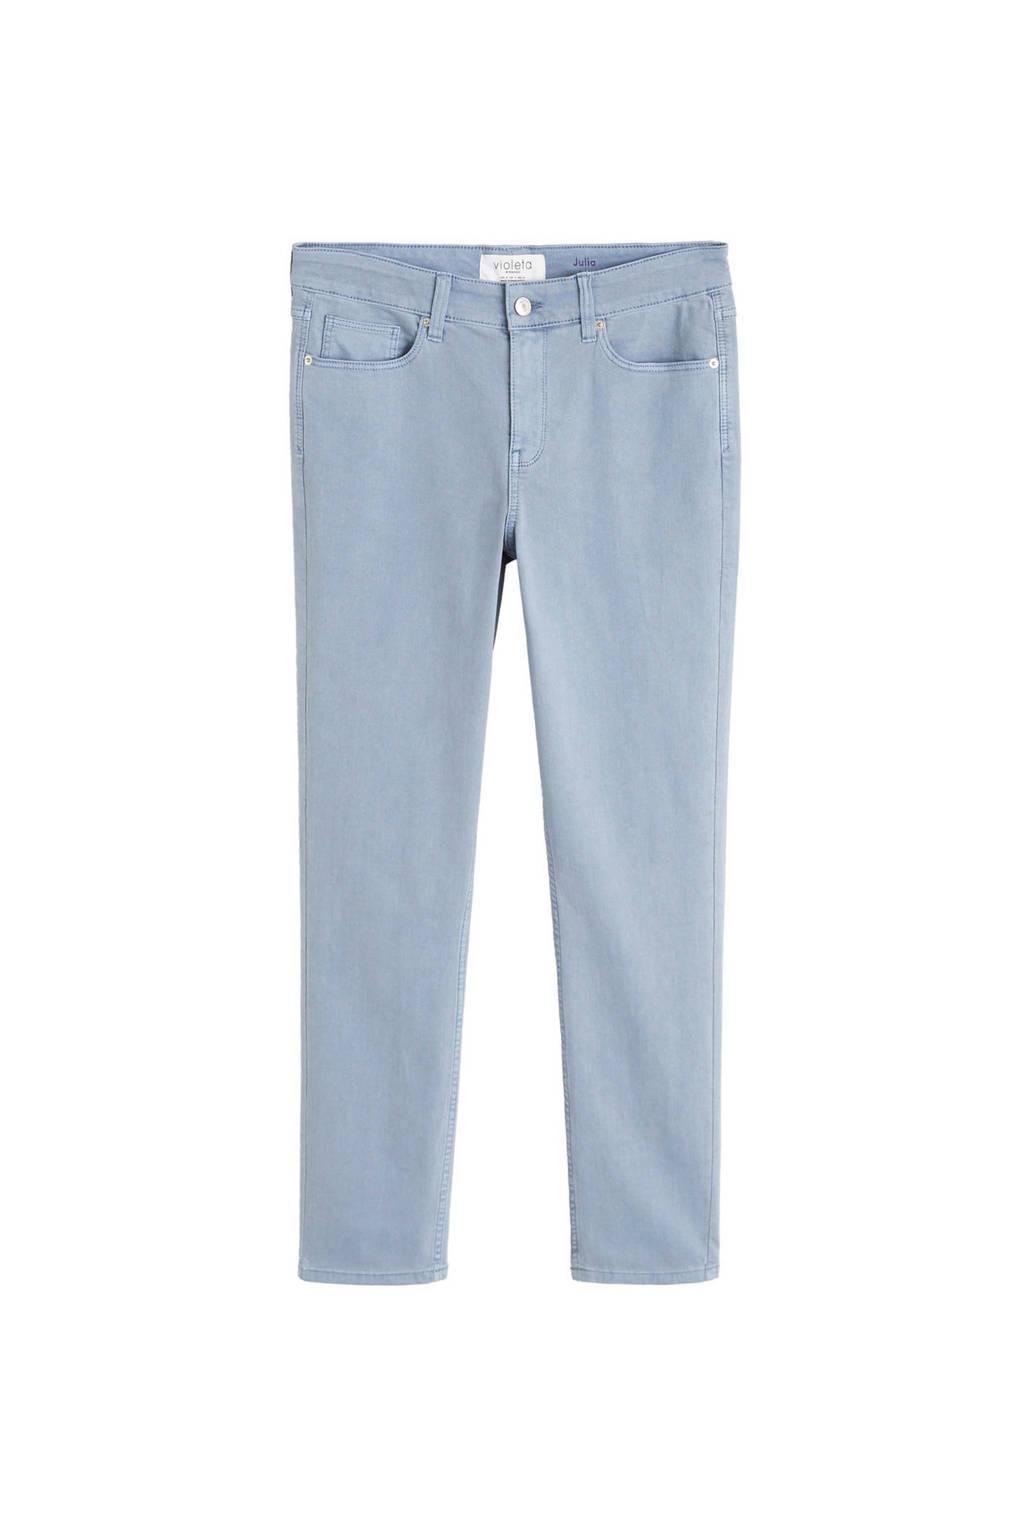 Violeta by Mango slim fit jeans lichtblauw, Lichtblauw